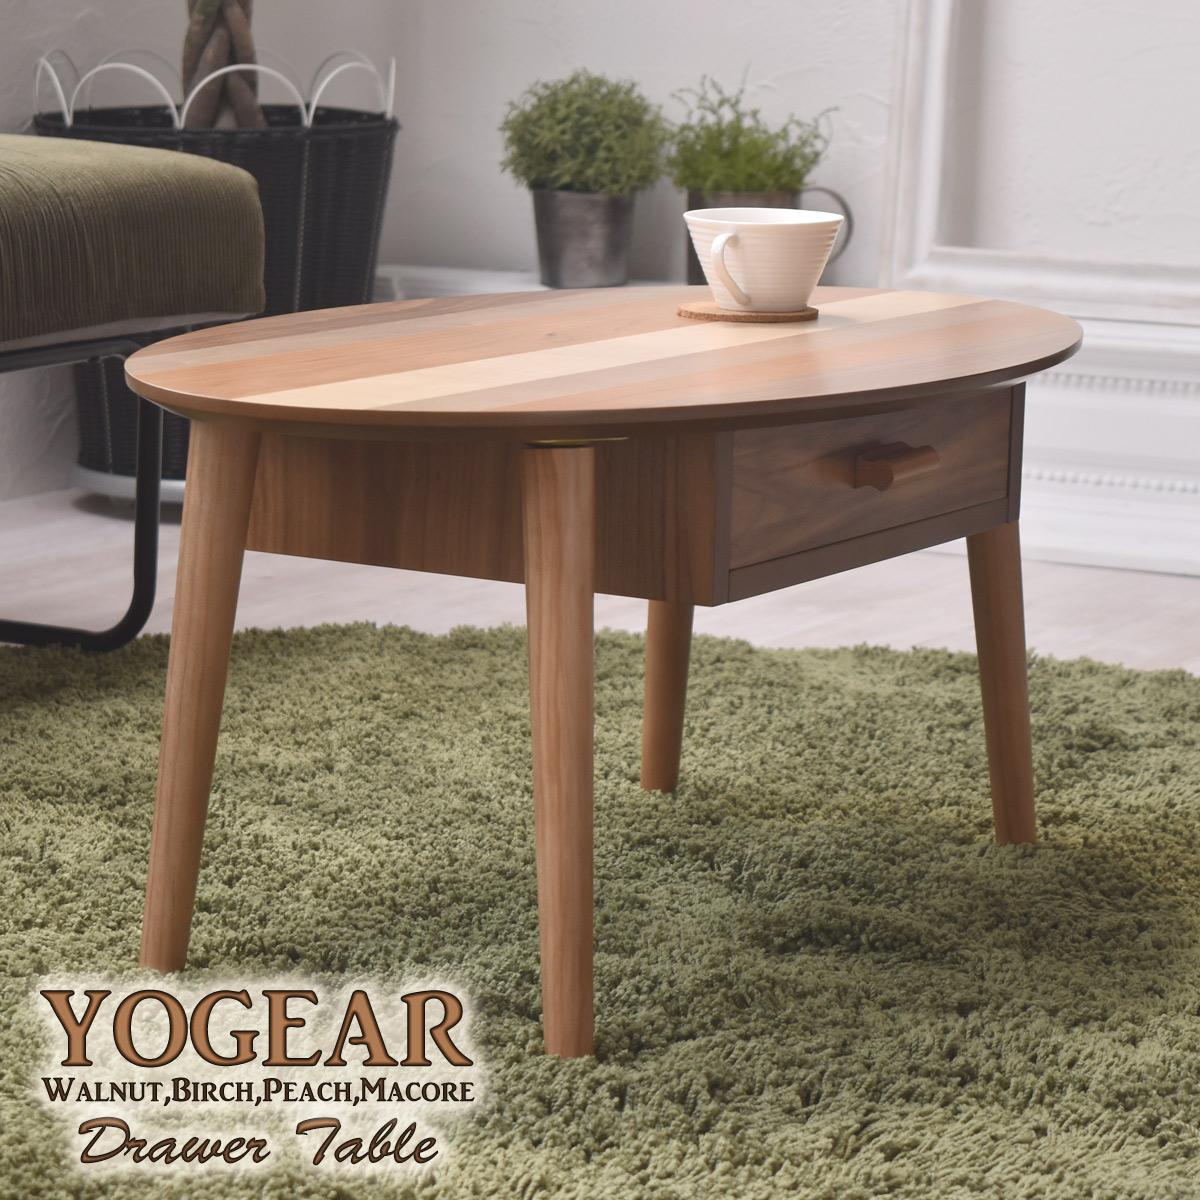 テーブル ウォールナット センターテーブル ローテーブル リビングテーブル 北欧 引き出し付きテーブル 木製 天然木 可愛い おしゃれ 引き出し オーバル スクエア